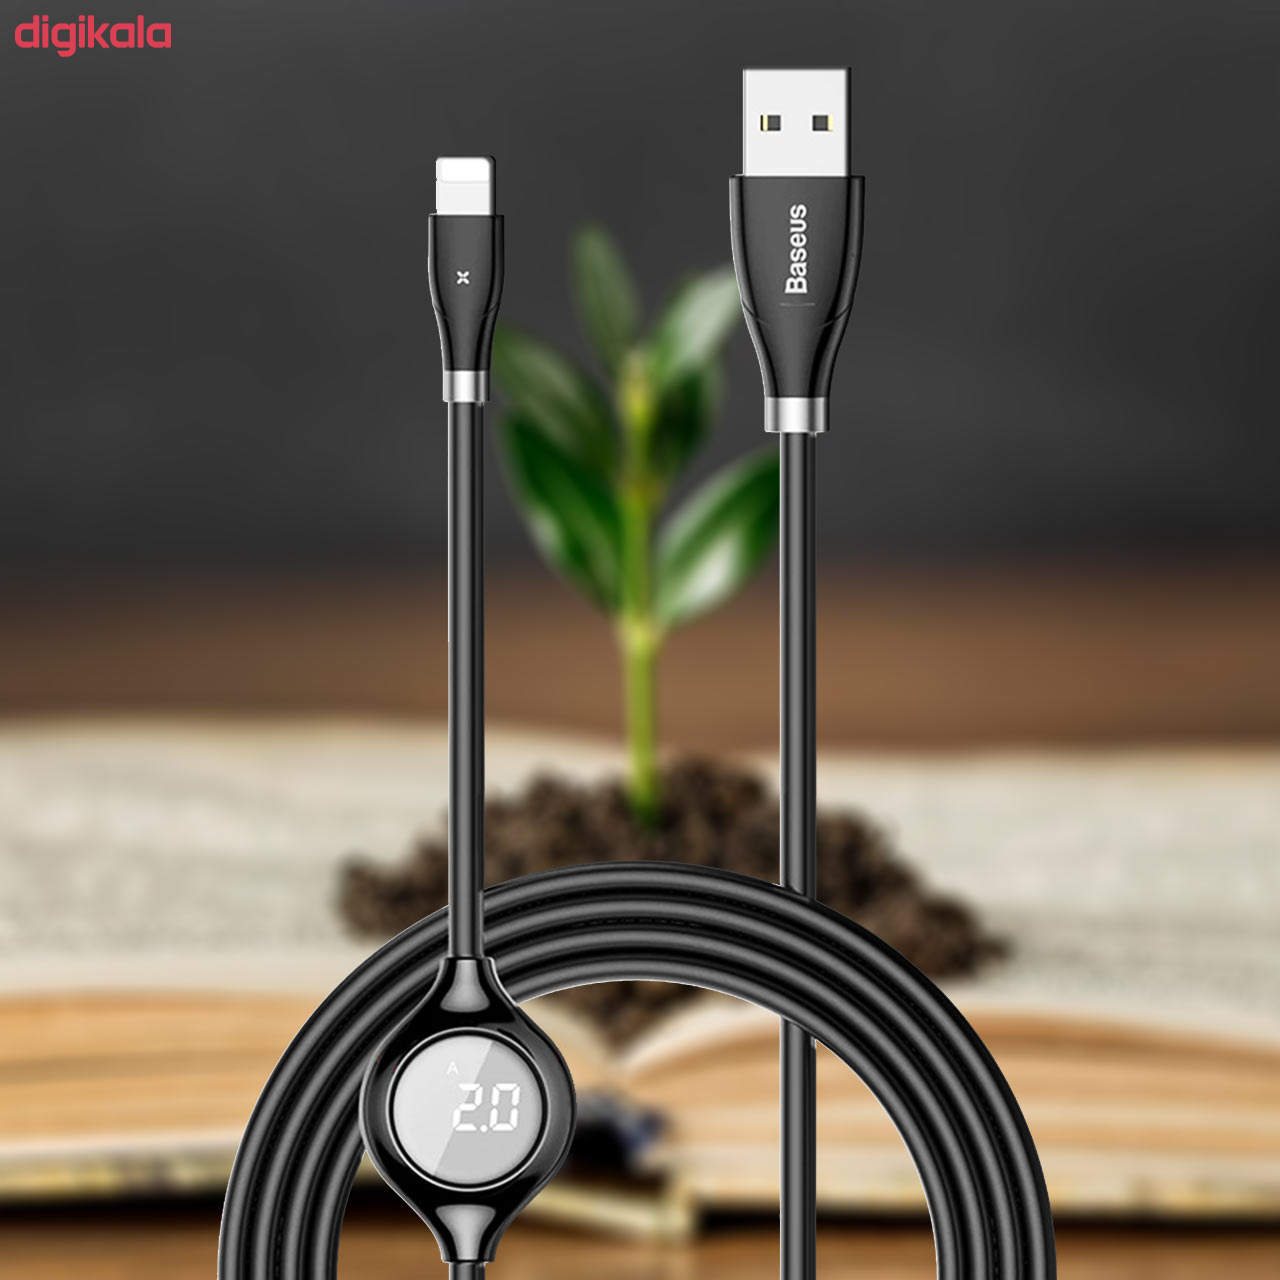 کابل تبدیل USB به لایتنینگ باسئوس مدل CALEYE طول 1.2 متر main 1 2